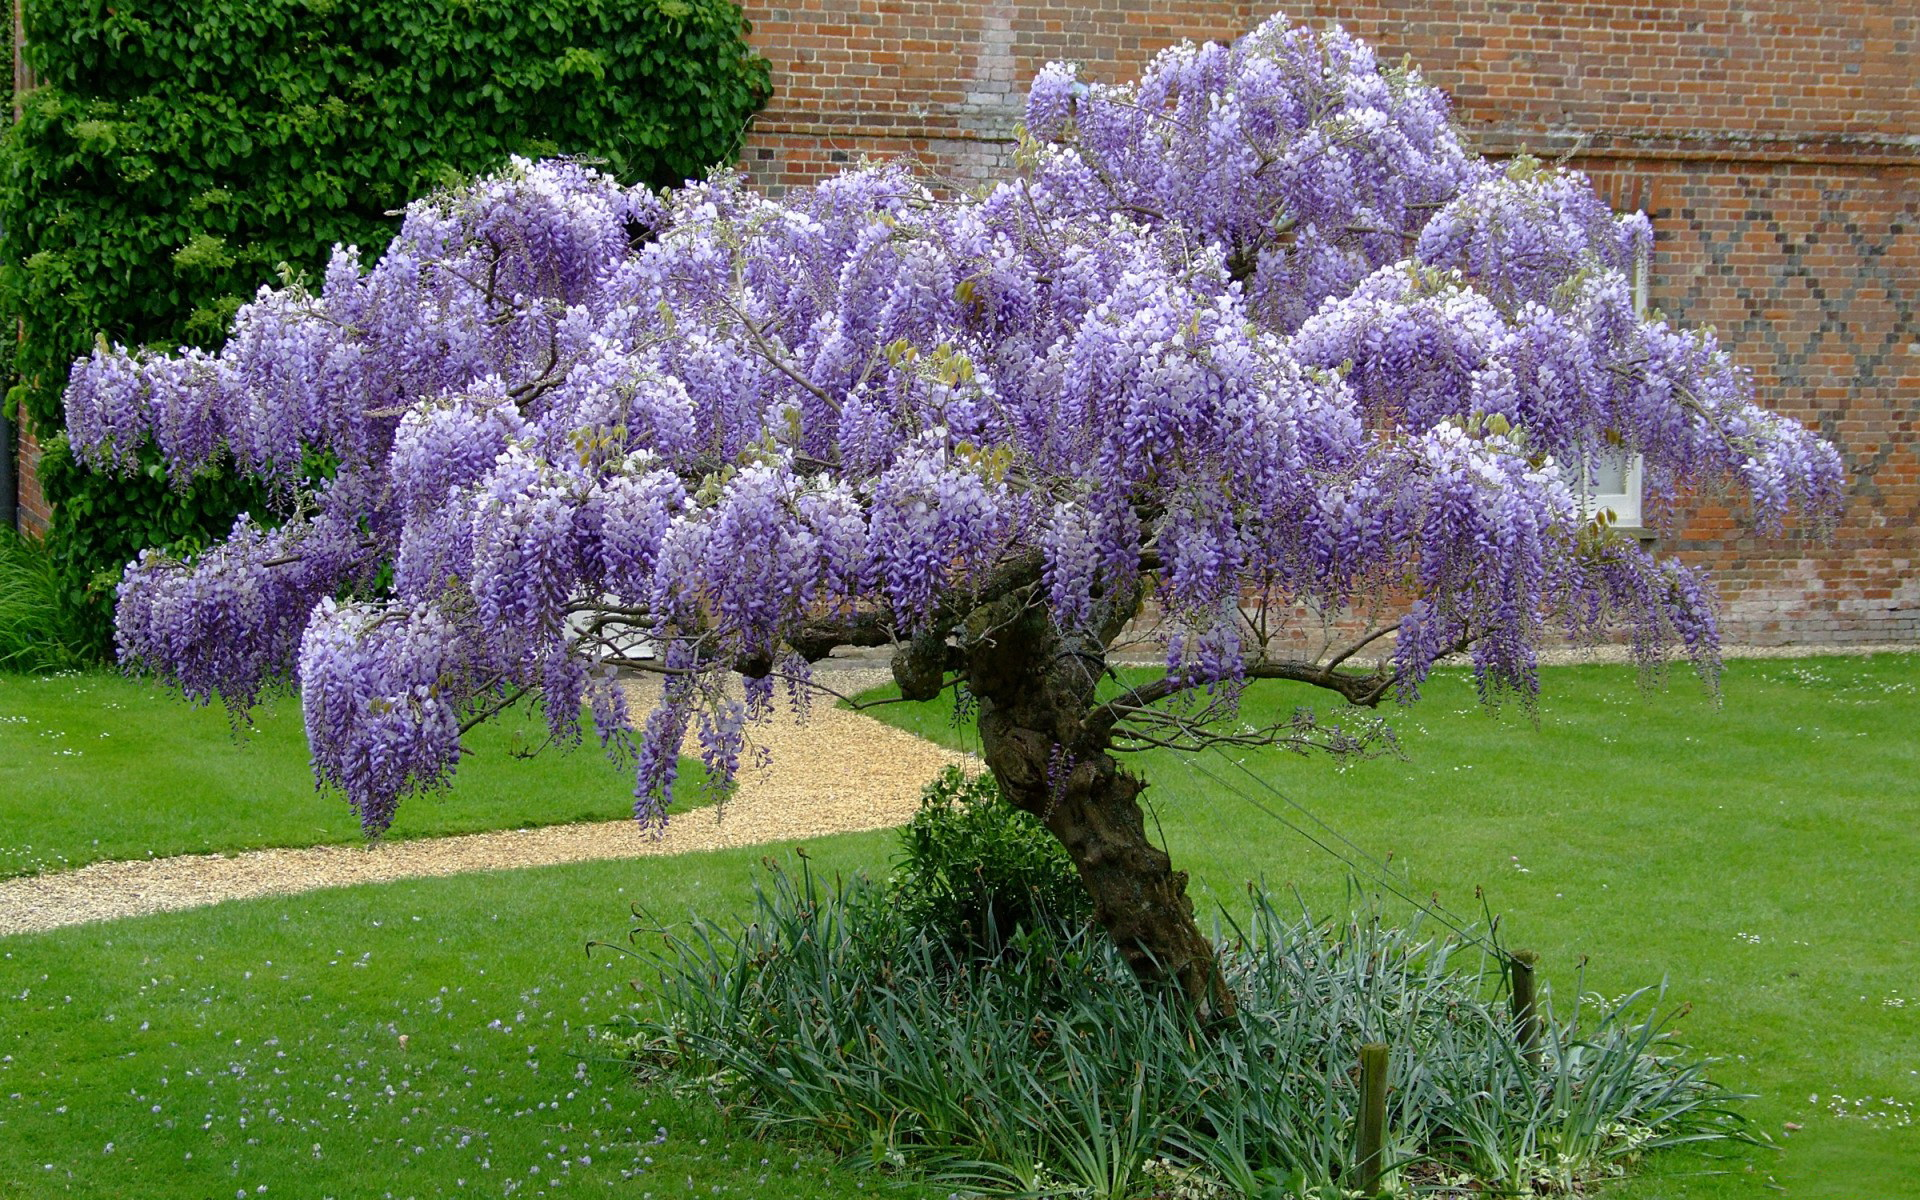 как цветущие деревья для сада фото и названия объявление инстаграме